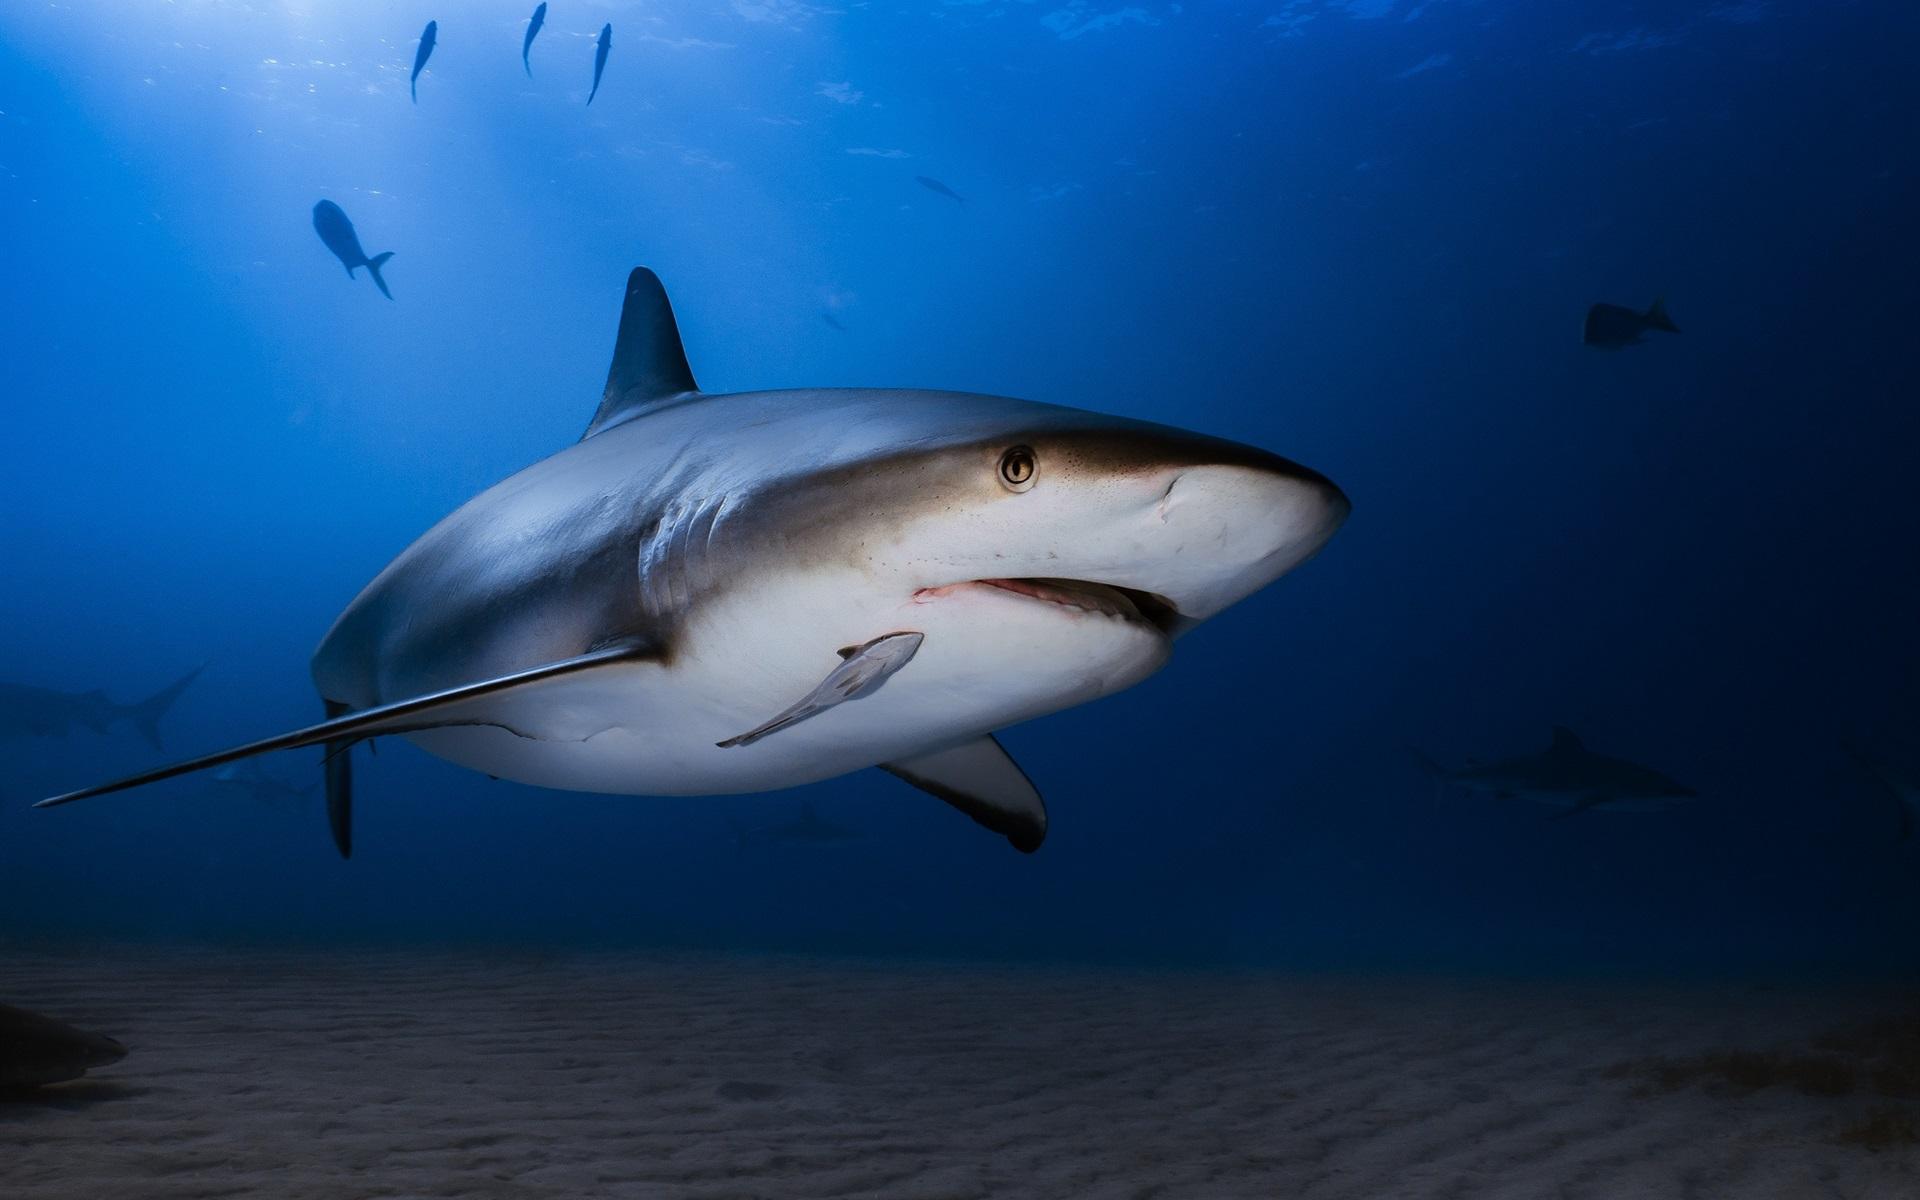 壁紙 水中 海 サメ 1920x1200 Hd 無料のデスクトップの背景 画像